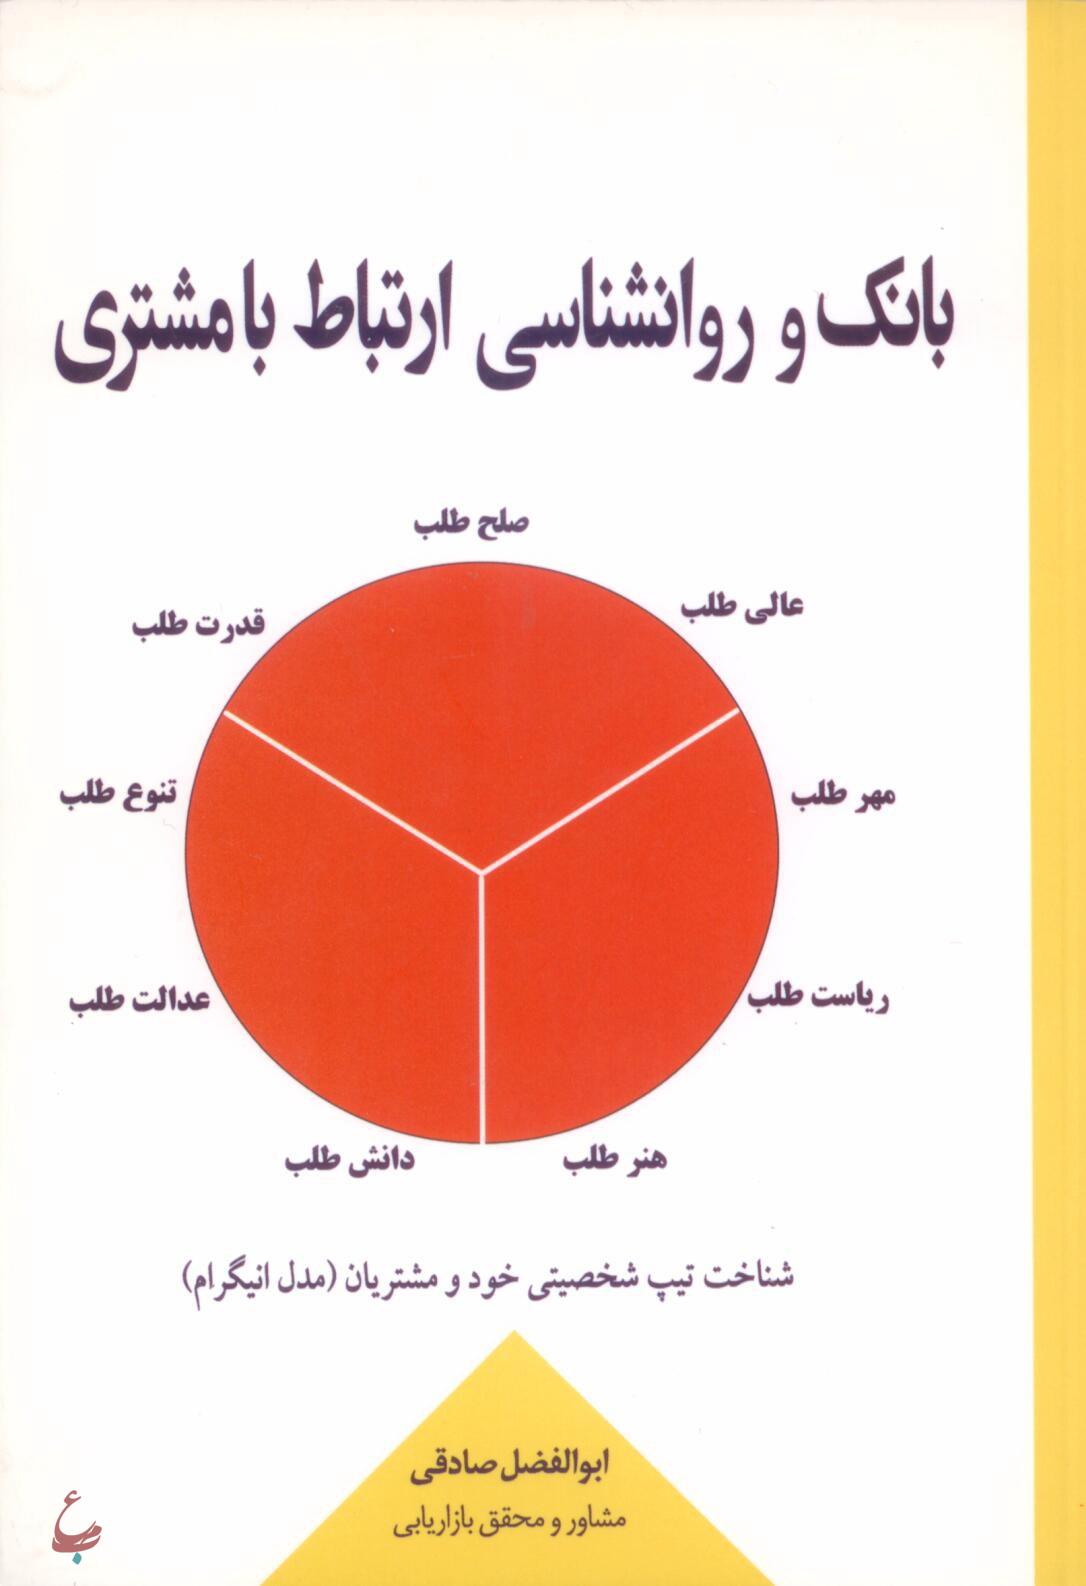 کتاب بانک و روان شناسی ارتباط با مشتری